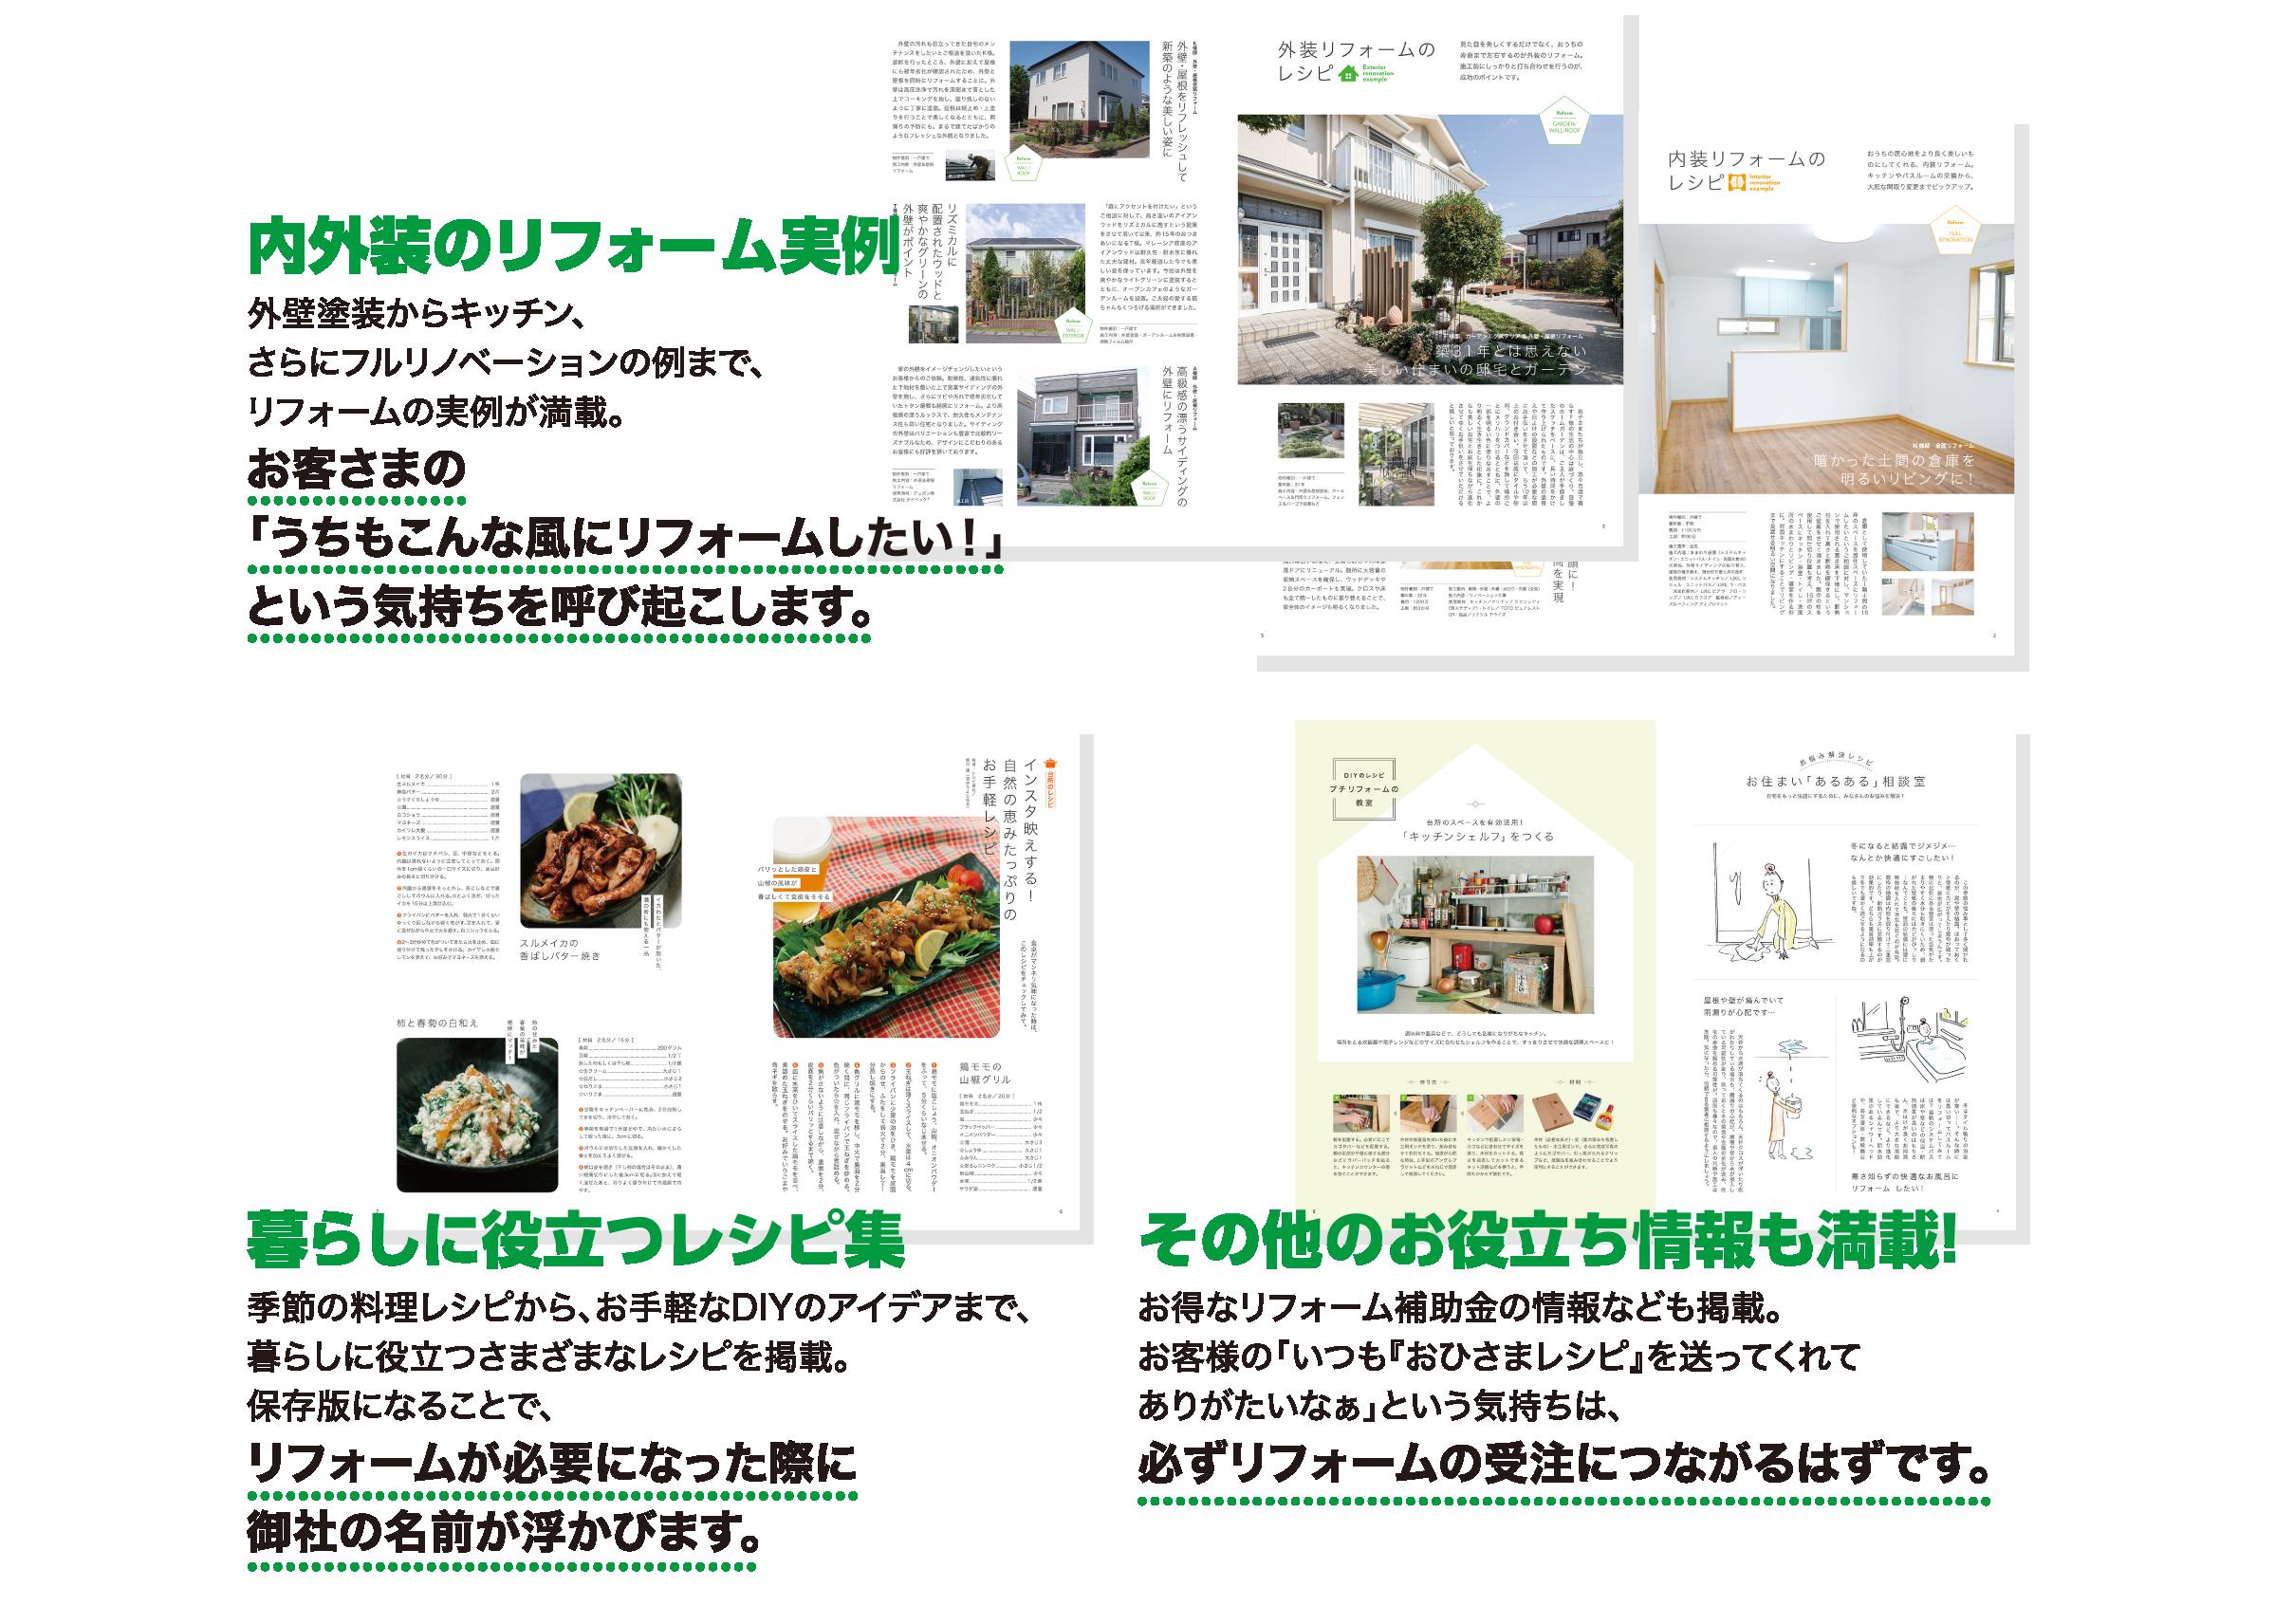 内外装のリフォーム実例、暮らしに役立つレシピ集、その他のお役立ち情報も満載!